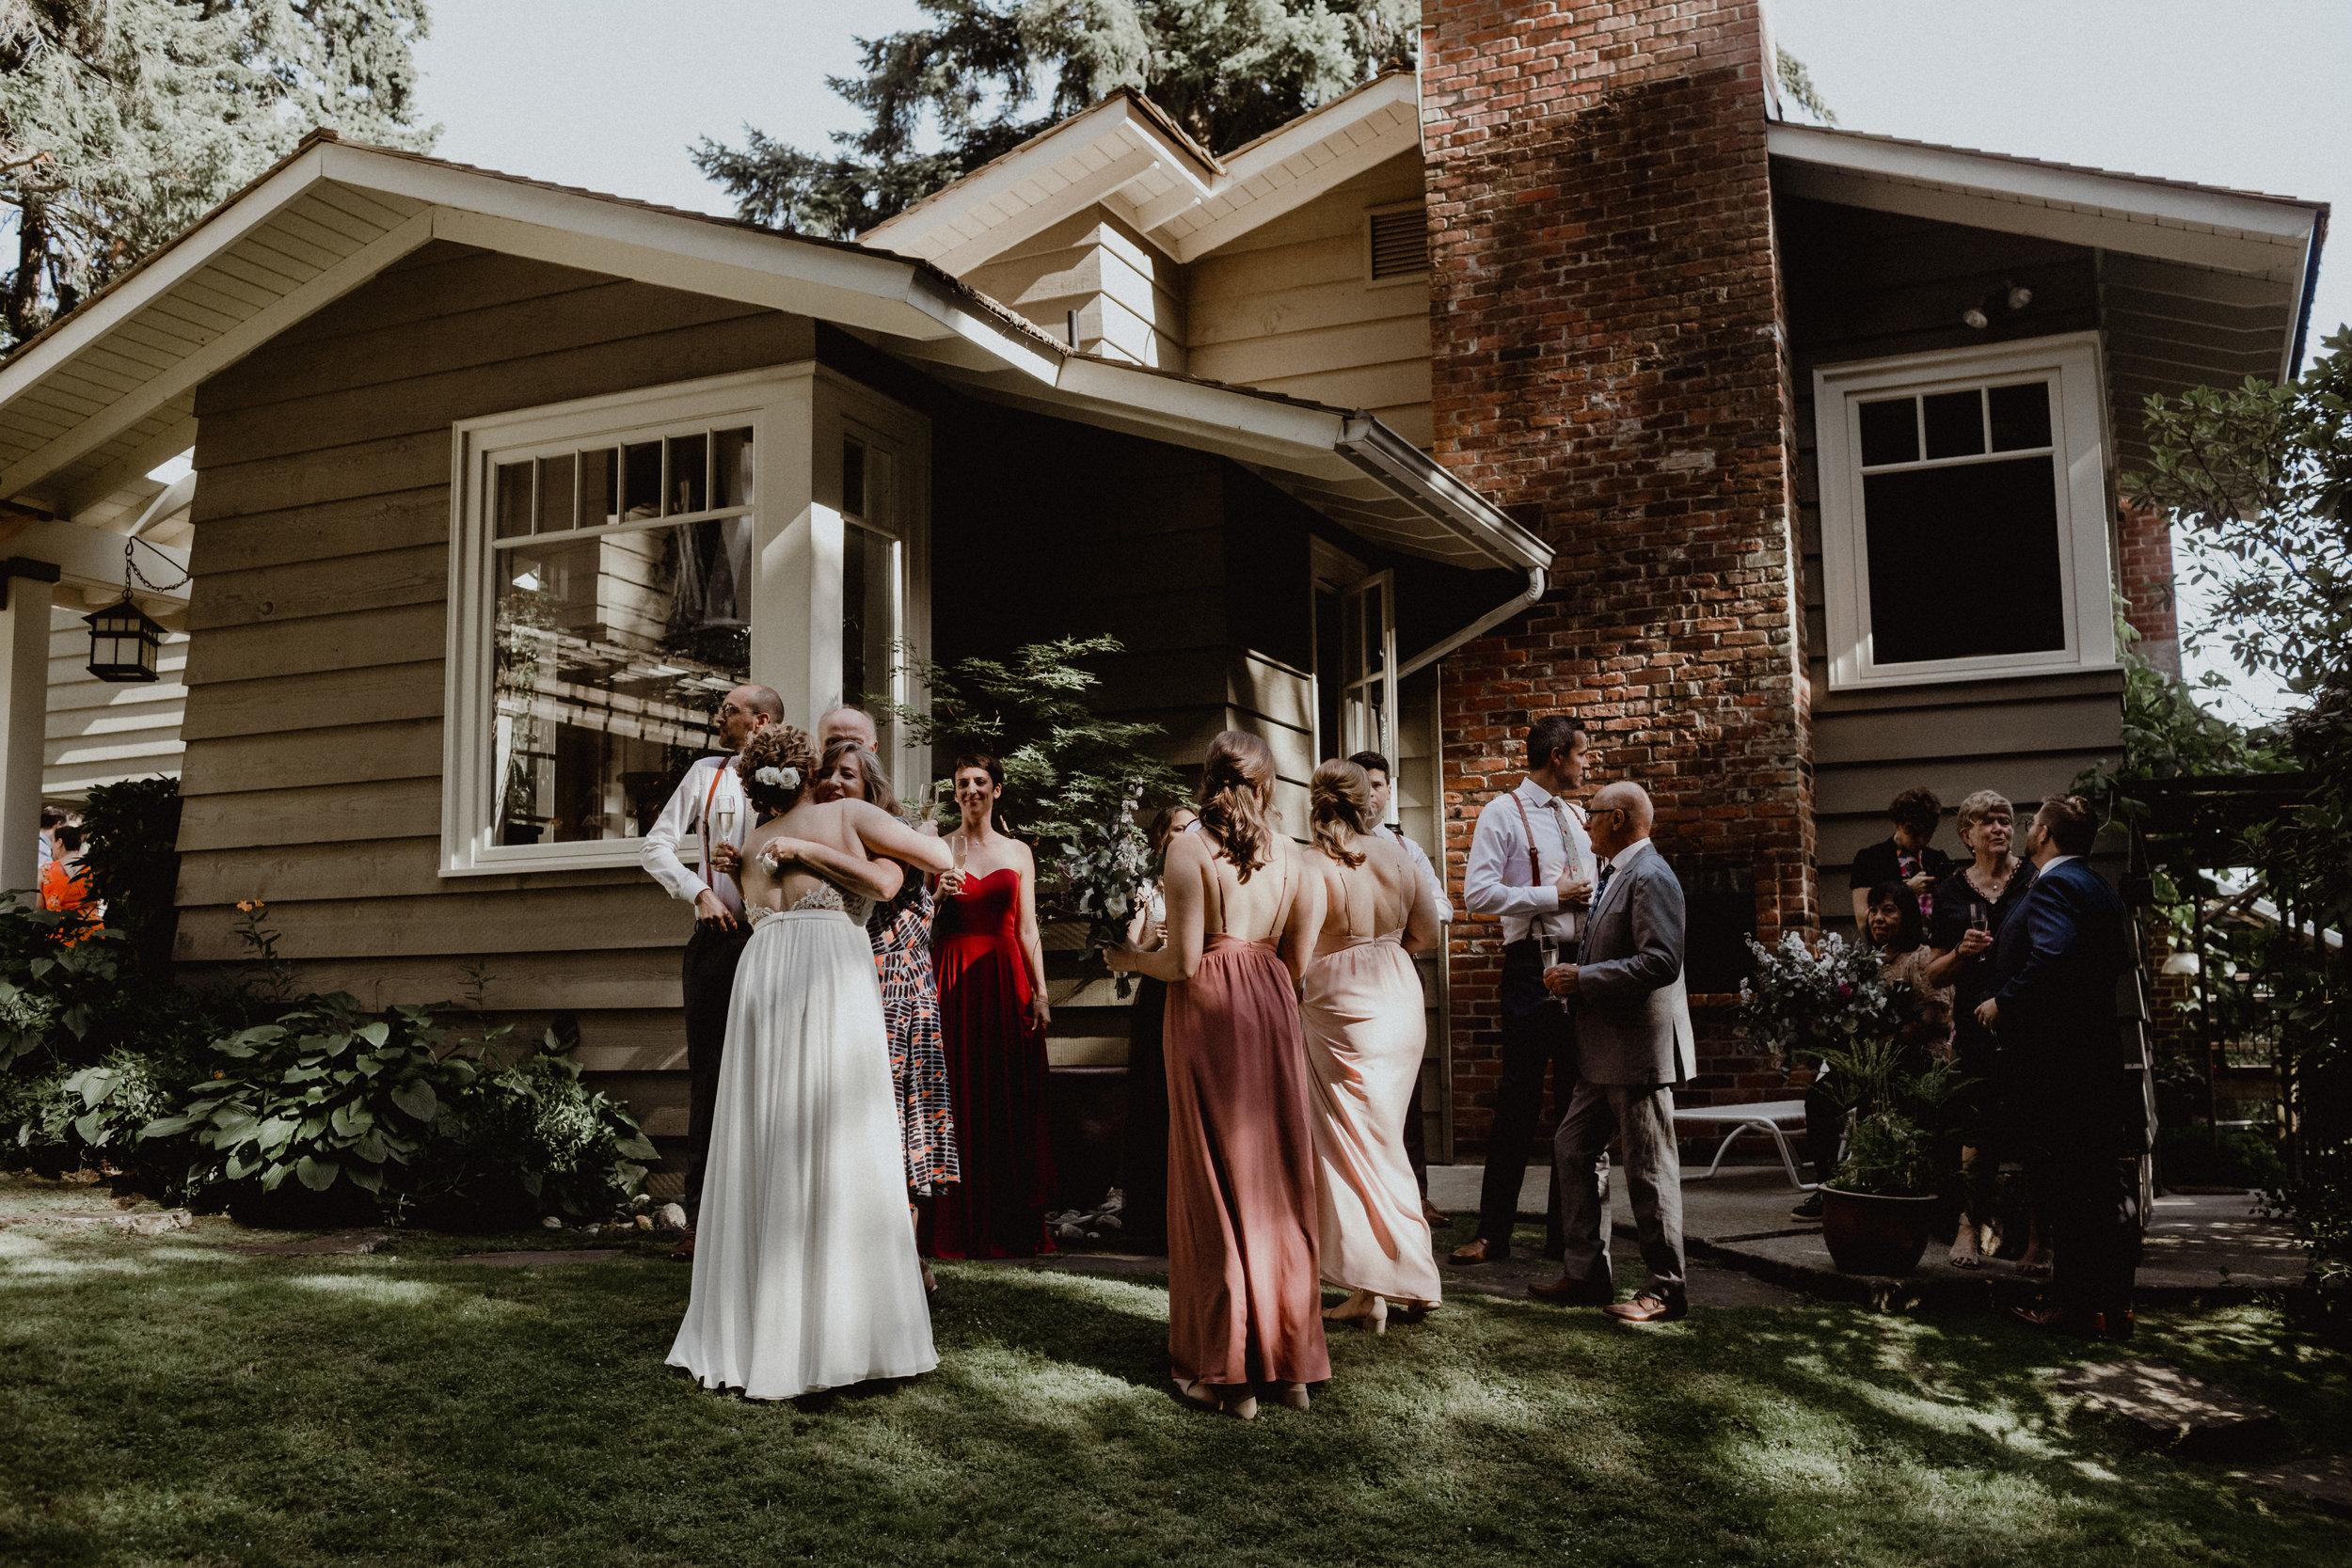 west-vancouver-backyard-wedding-146.jpg